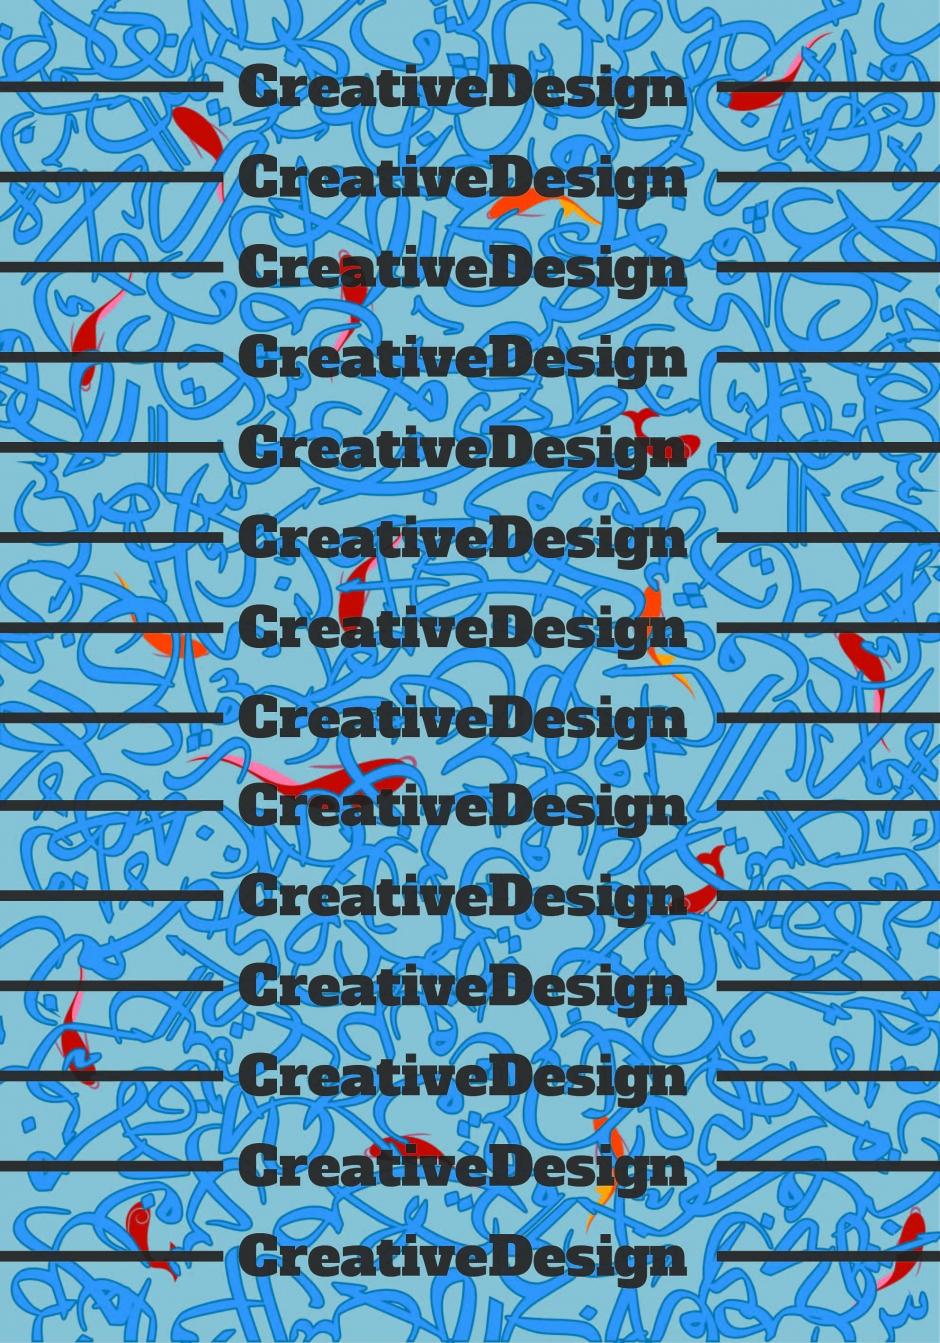 وکتور طراحی حوضچه ماهی با حروف الفبا